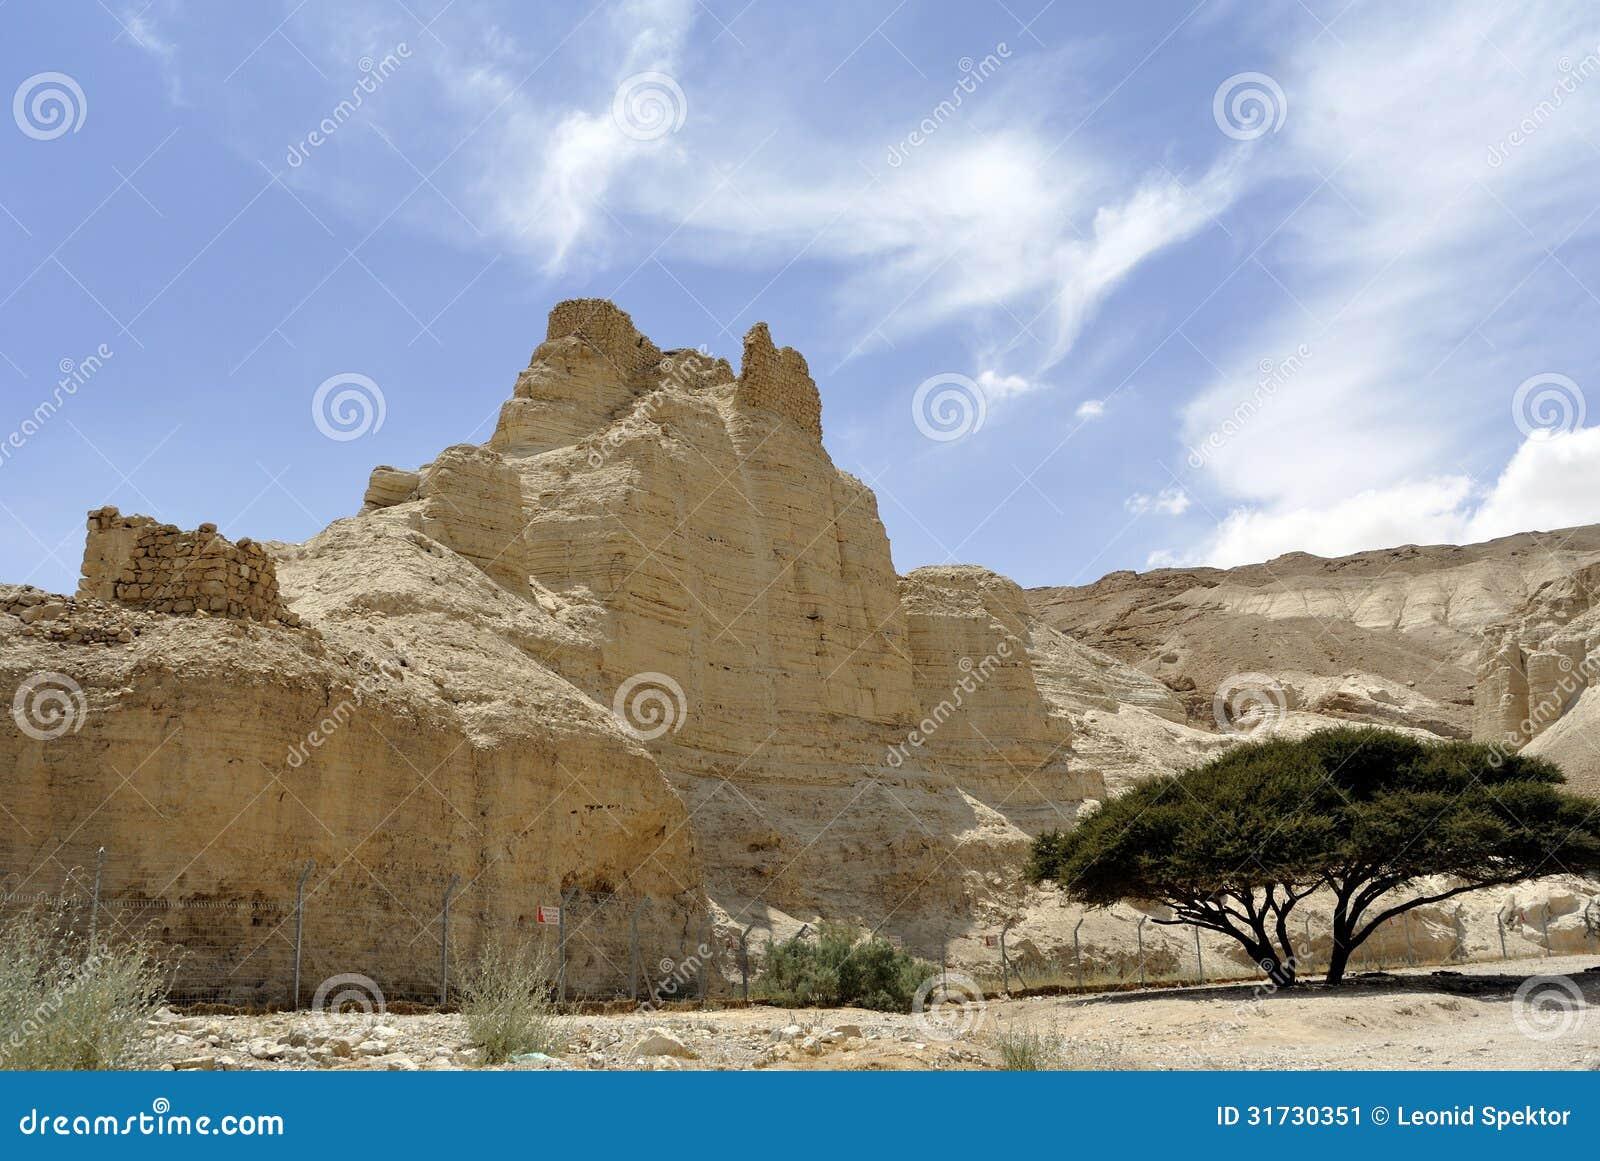 Zohar fästning i den Judea öknen.